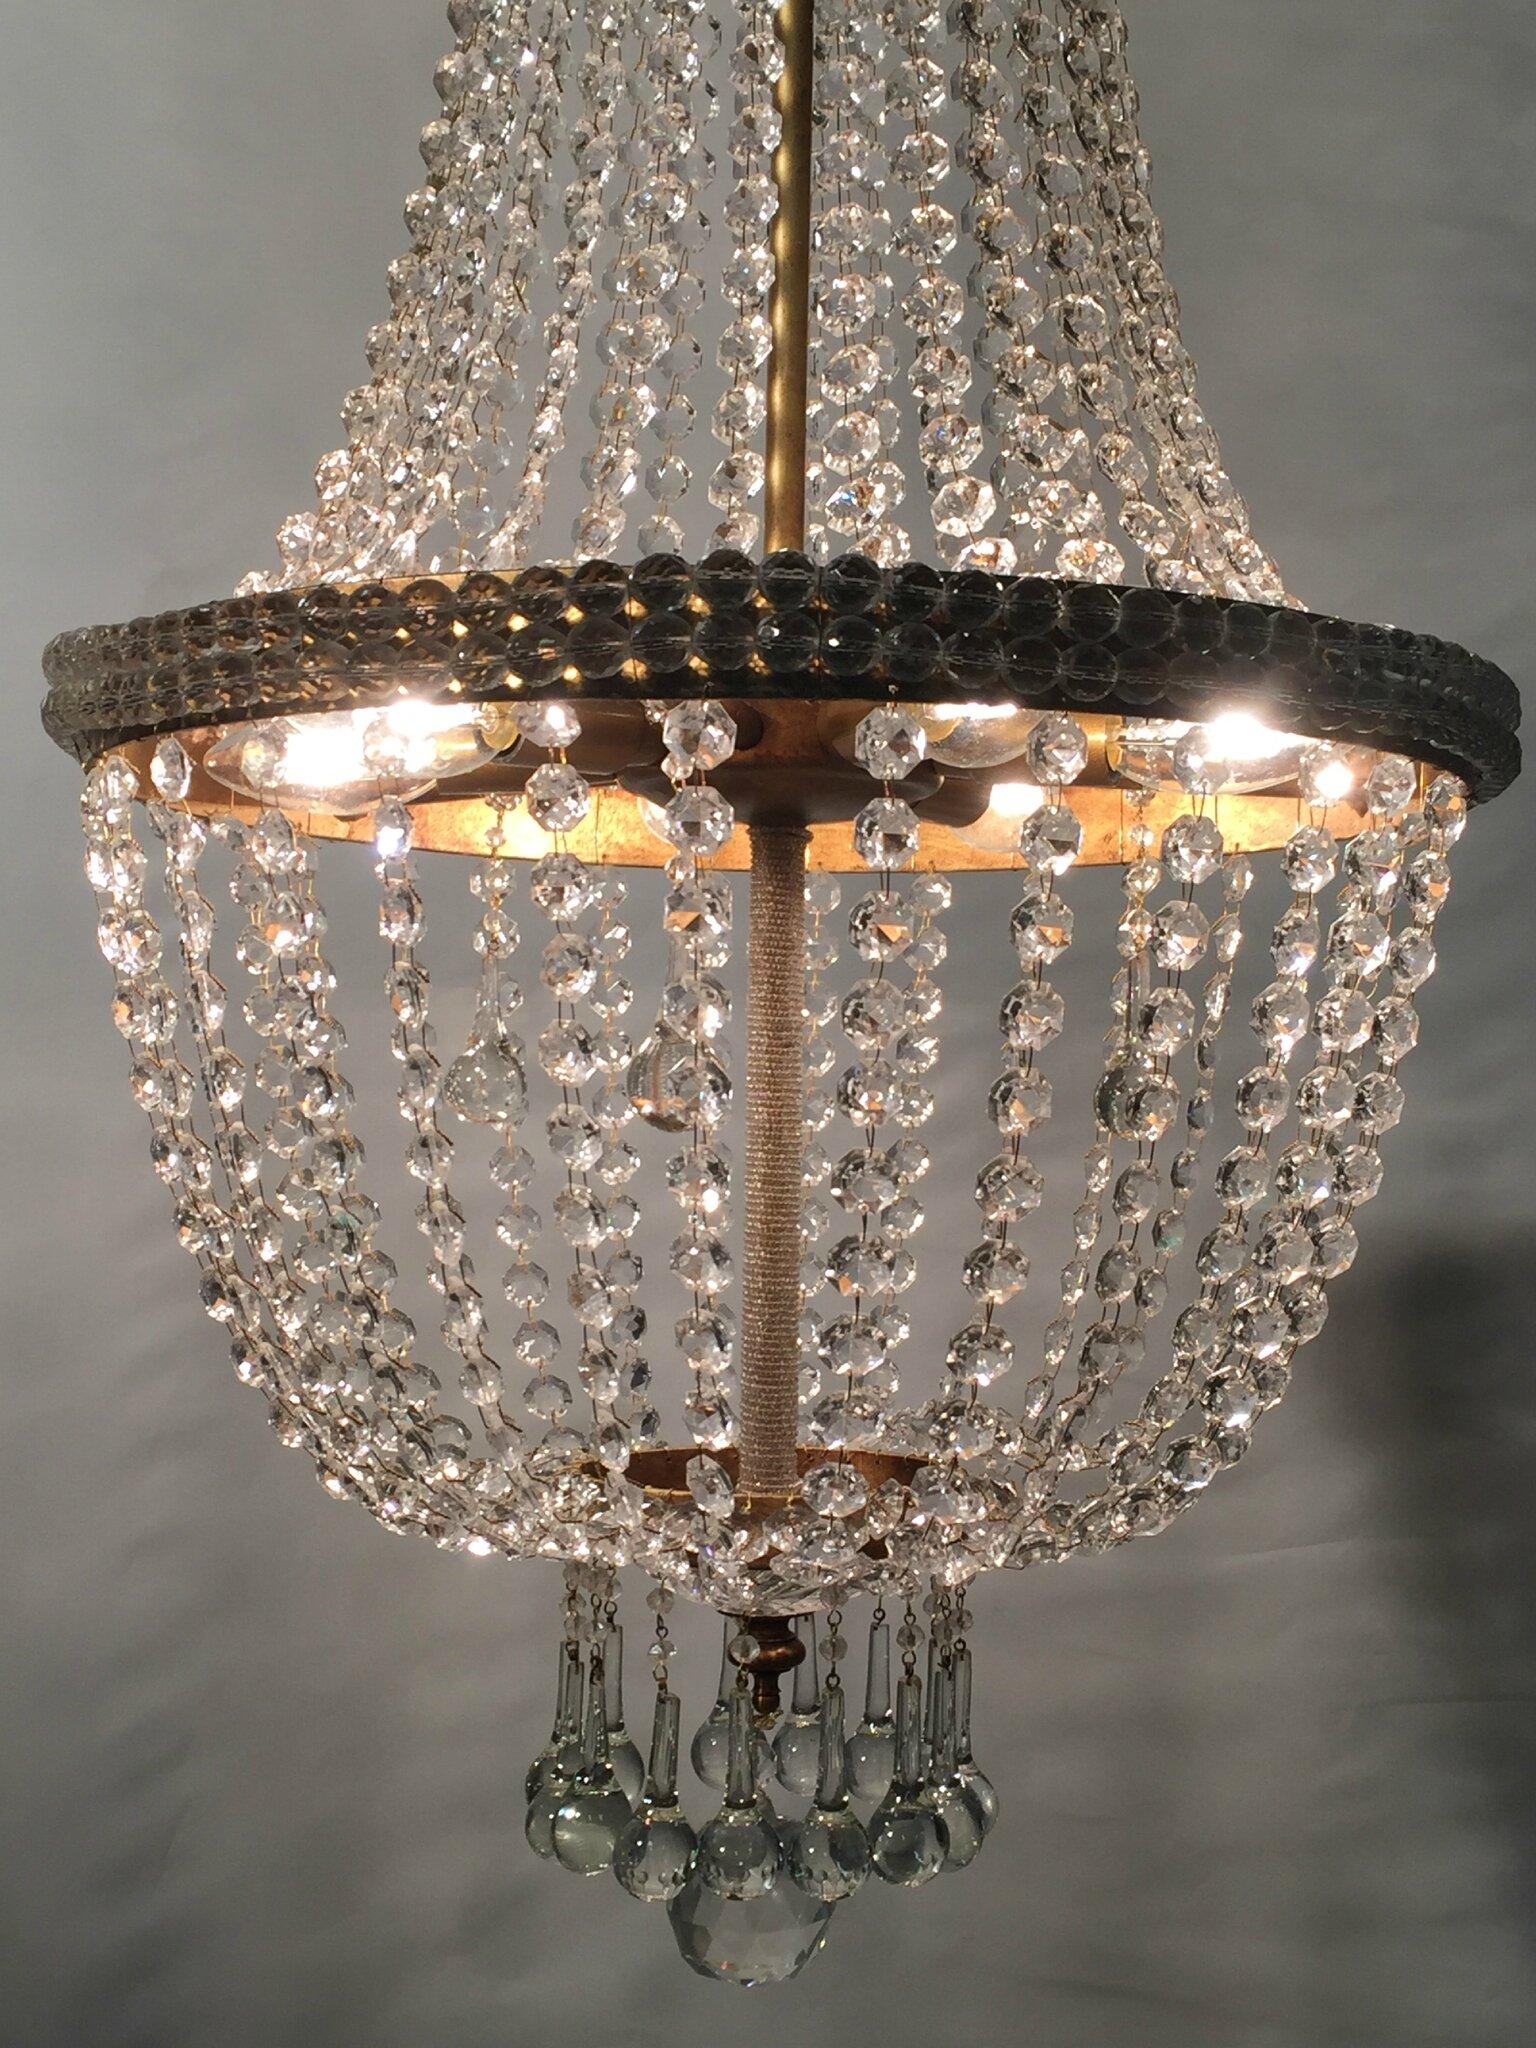 lustre empire artisanal forme de montgolfi re cristal cr ation artisanale de luminaires de. Black Bedroom Furniture Sets. Home Design Ideas